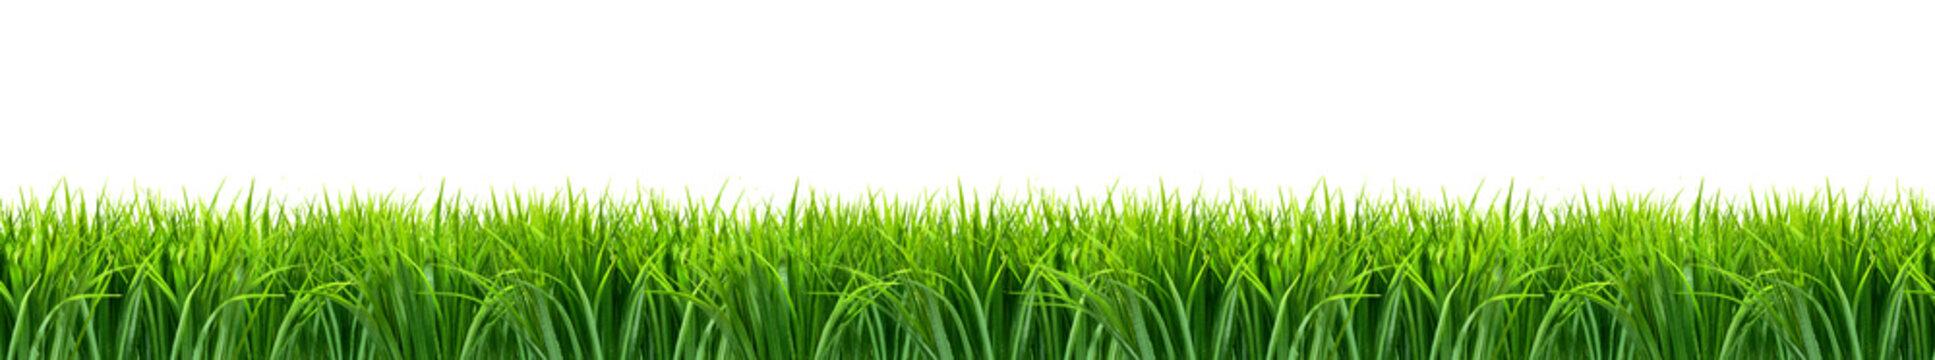 Trawa panorama z białym tłem